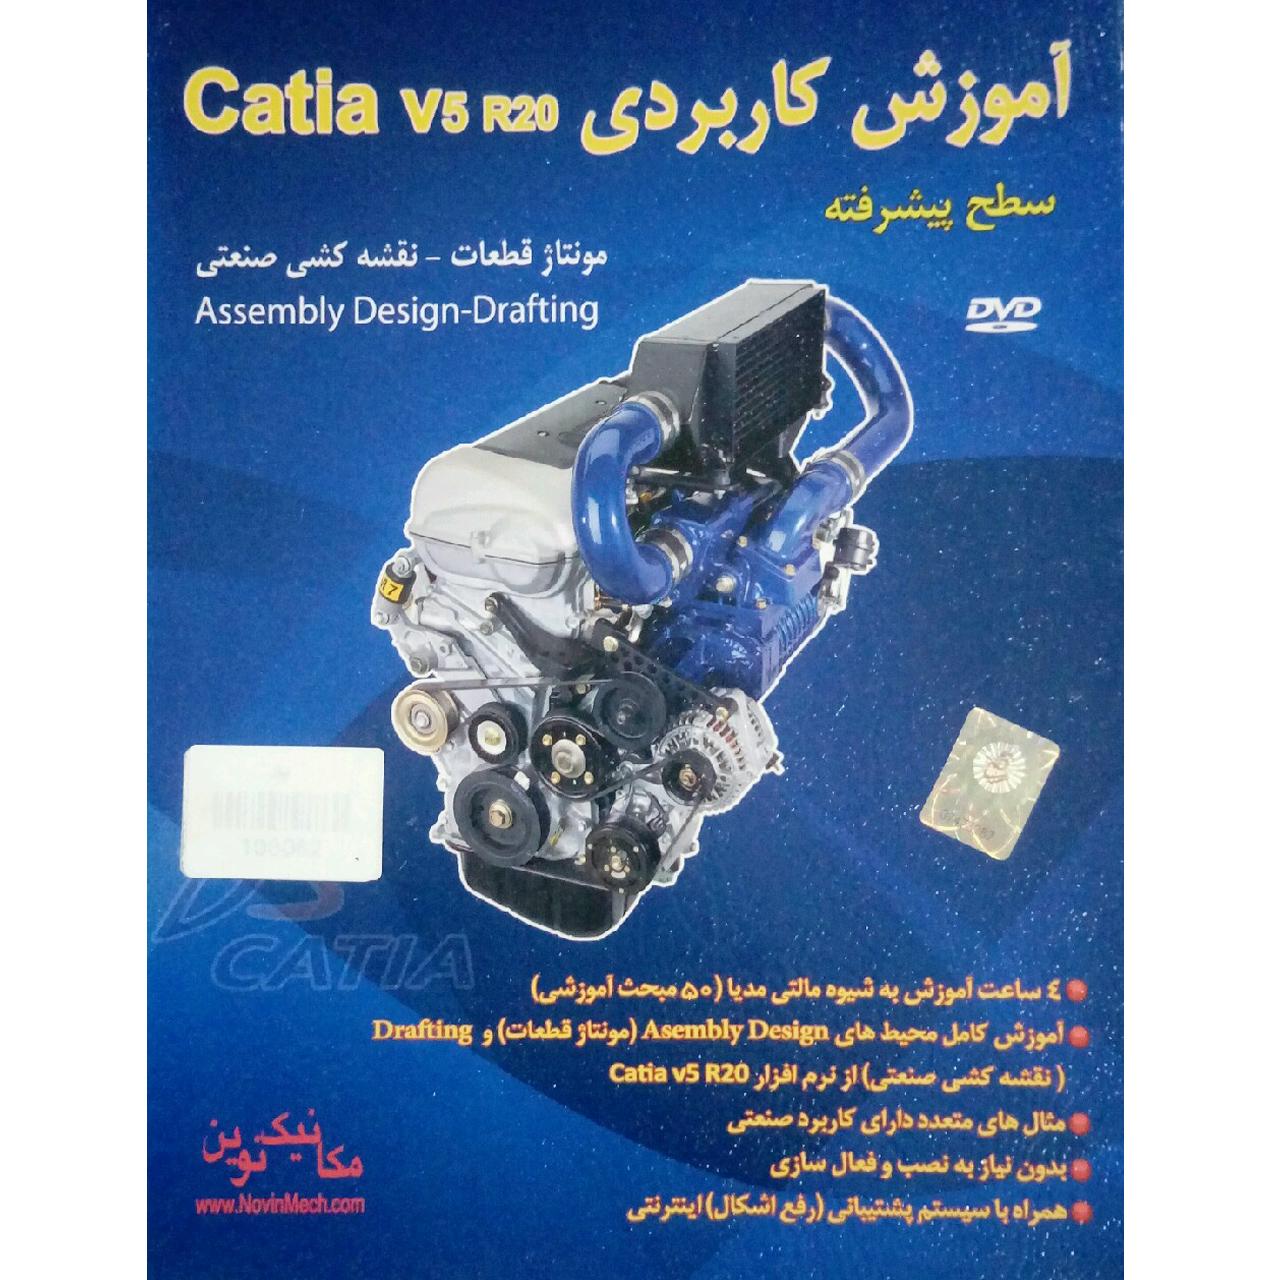 نرم افزار آموزشی کتیا Catia V5 R20 سطح پیشرفته نشر ویستا رایانه